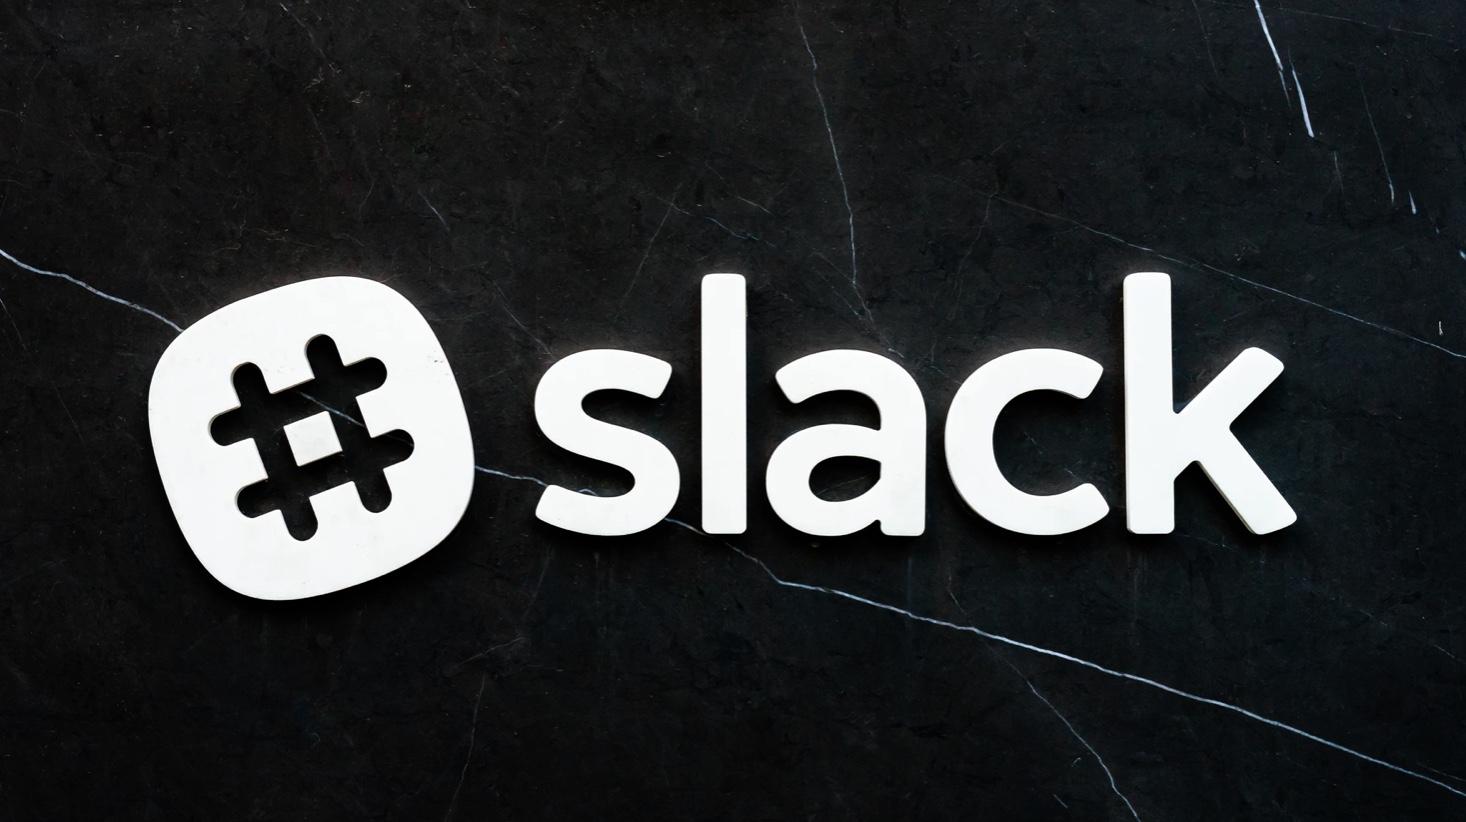 Le géant informatique Salesforce achète Slack pour 27,7 milliards de dollars